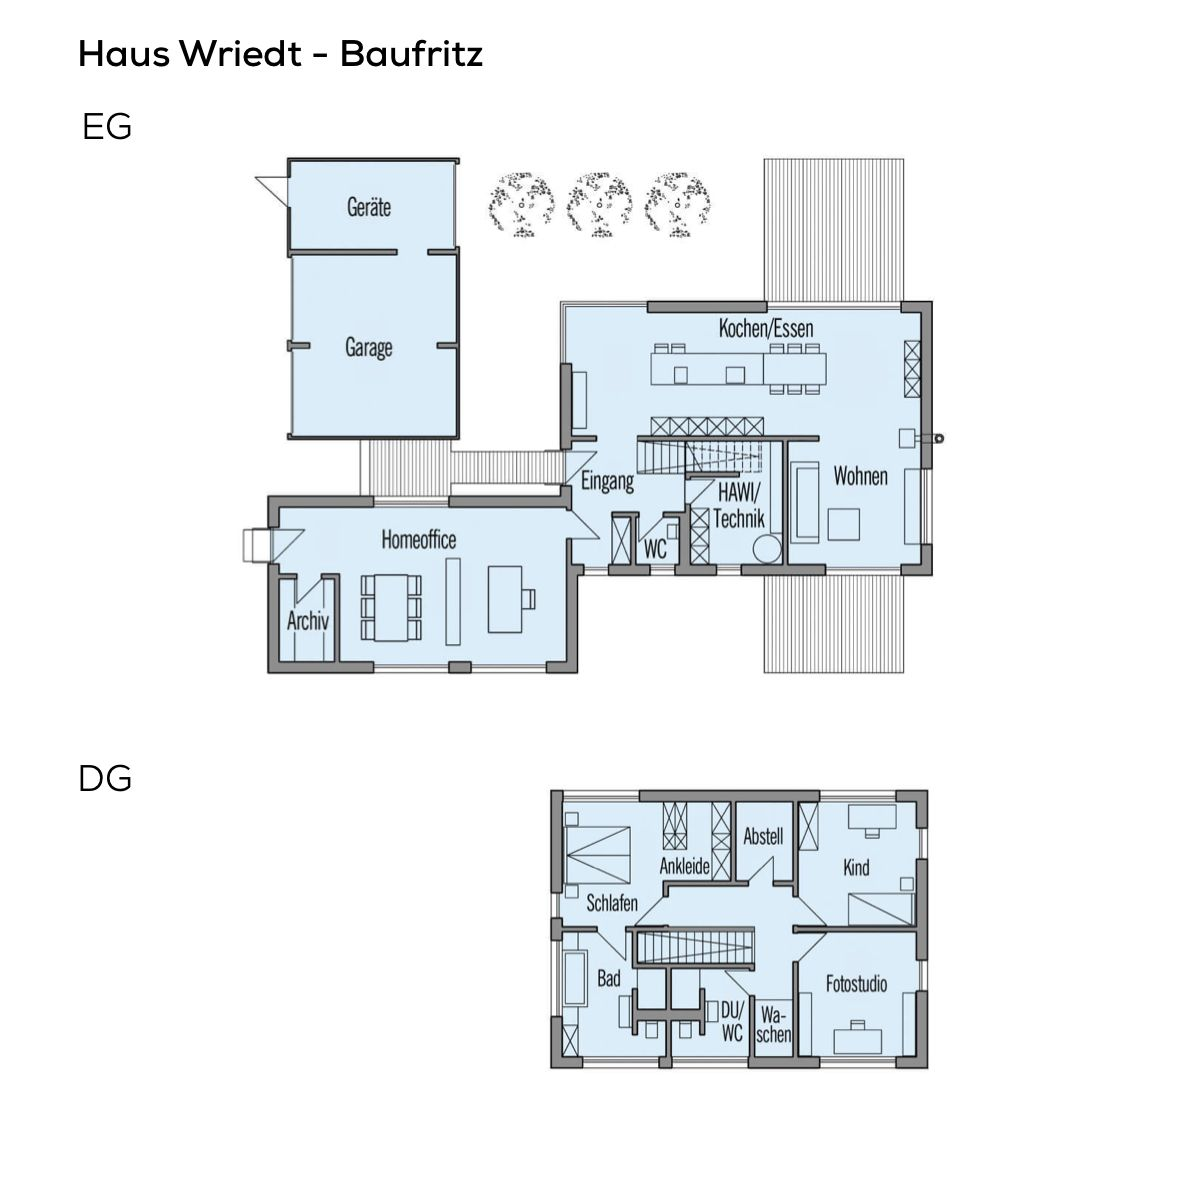 Grundriss einfamilienhaus mit doppelgarage und b ro anbau for Grundriss einfamilienhaus 2 vollgeschosse